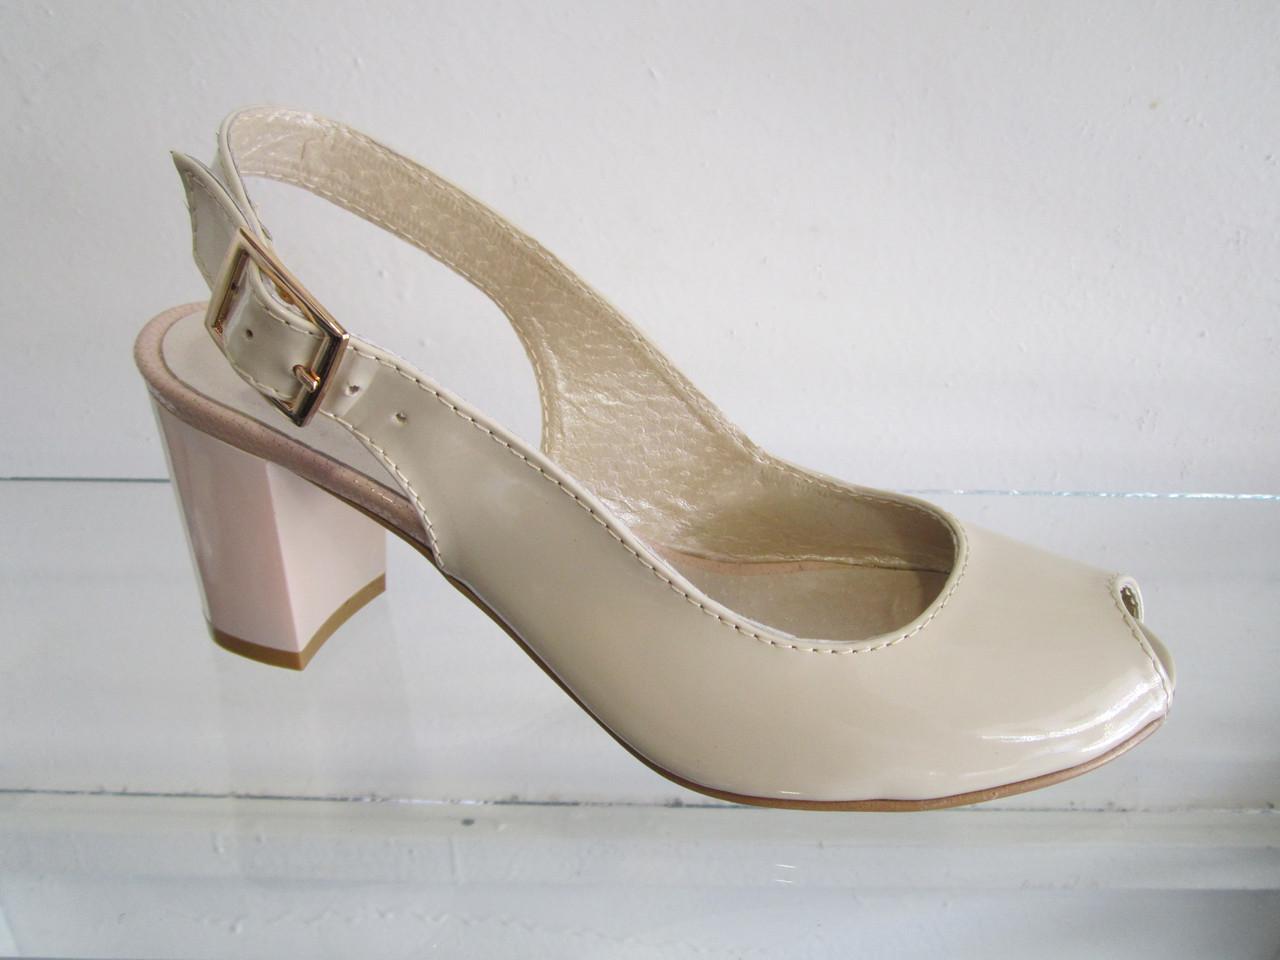 05edadf7c Босоножки женские кожаные, лаковые на каблуке - Интернет-магазин Обувной  каприз в Житомирской области